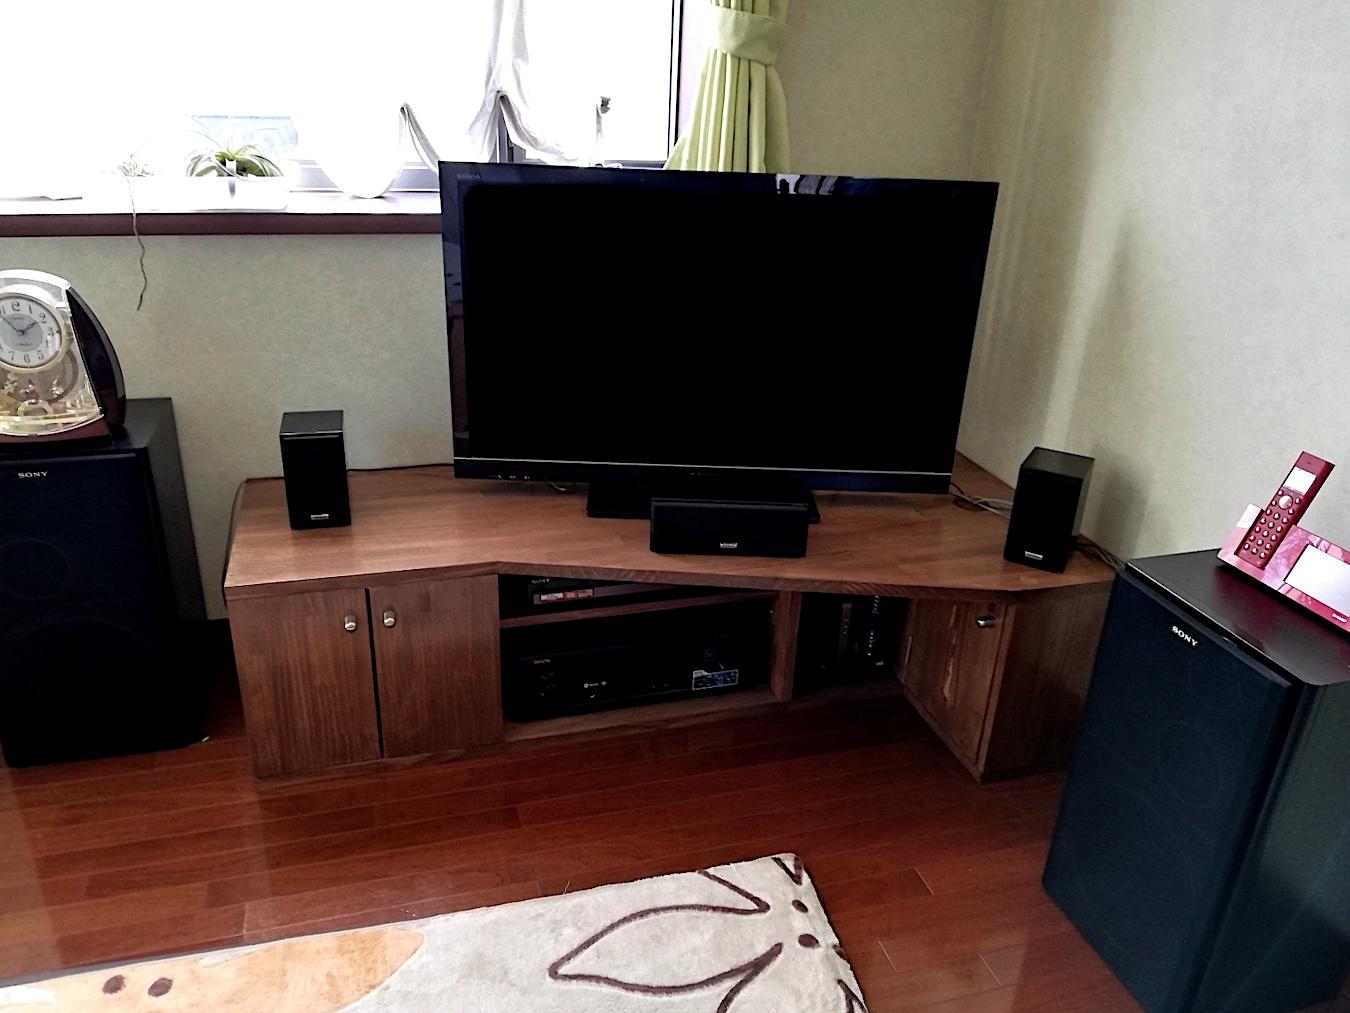 自作したコーナーテレビ台